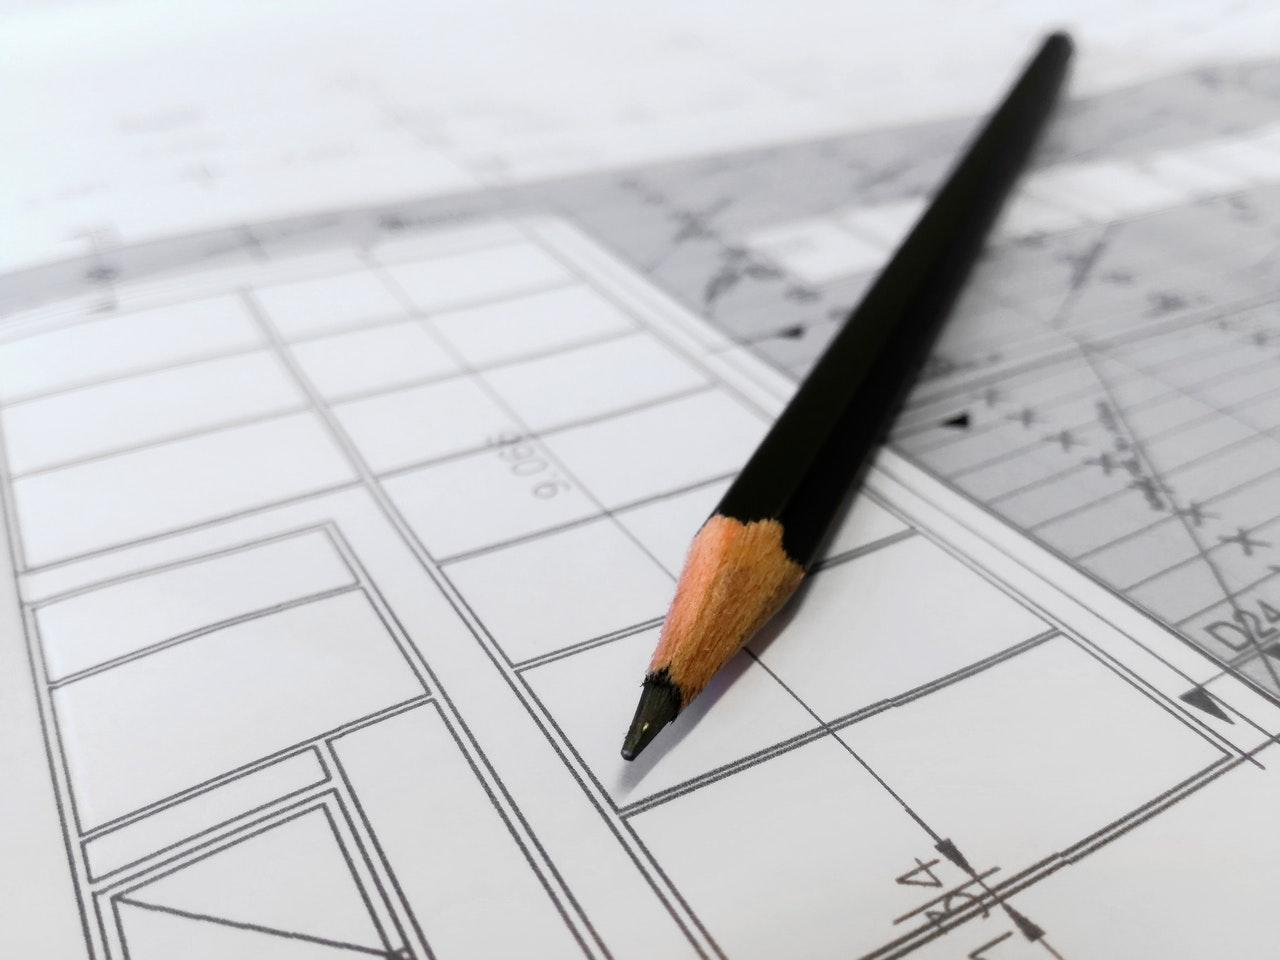 Cyfryzacja drogą budownictwa do nowoczesności - Zdjęcie główne